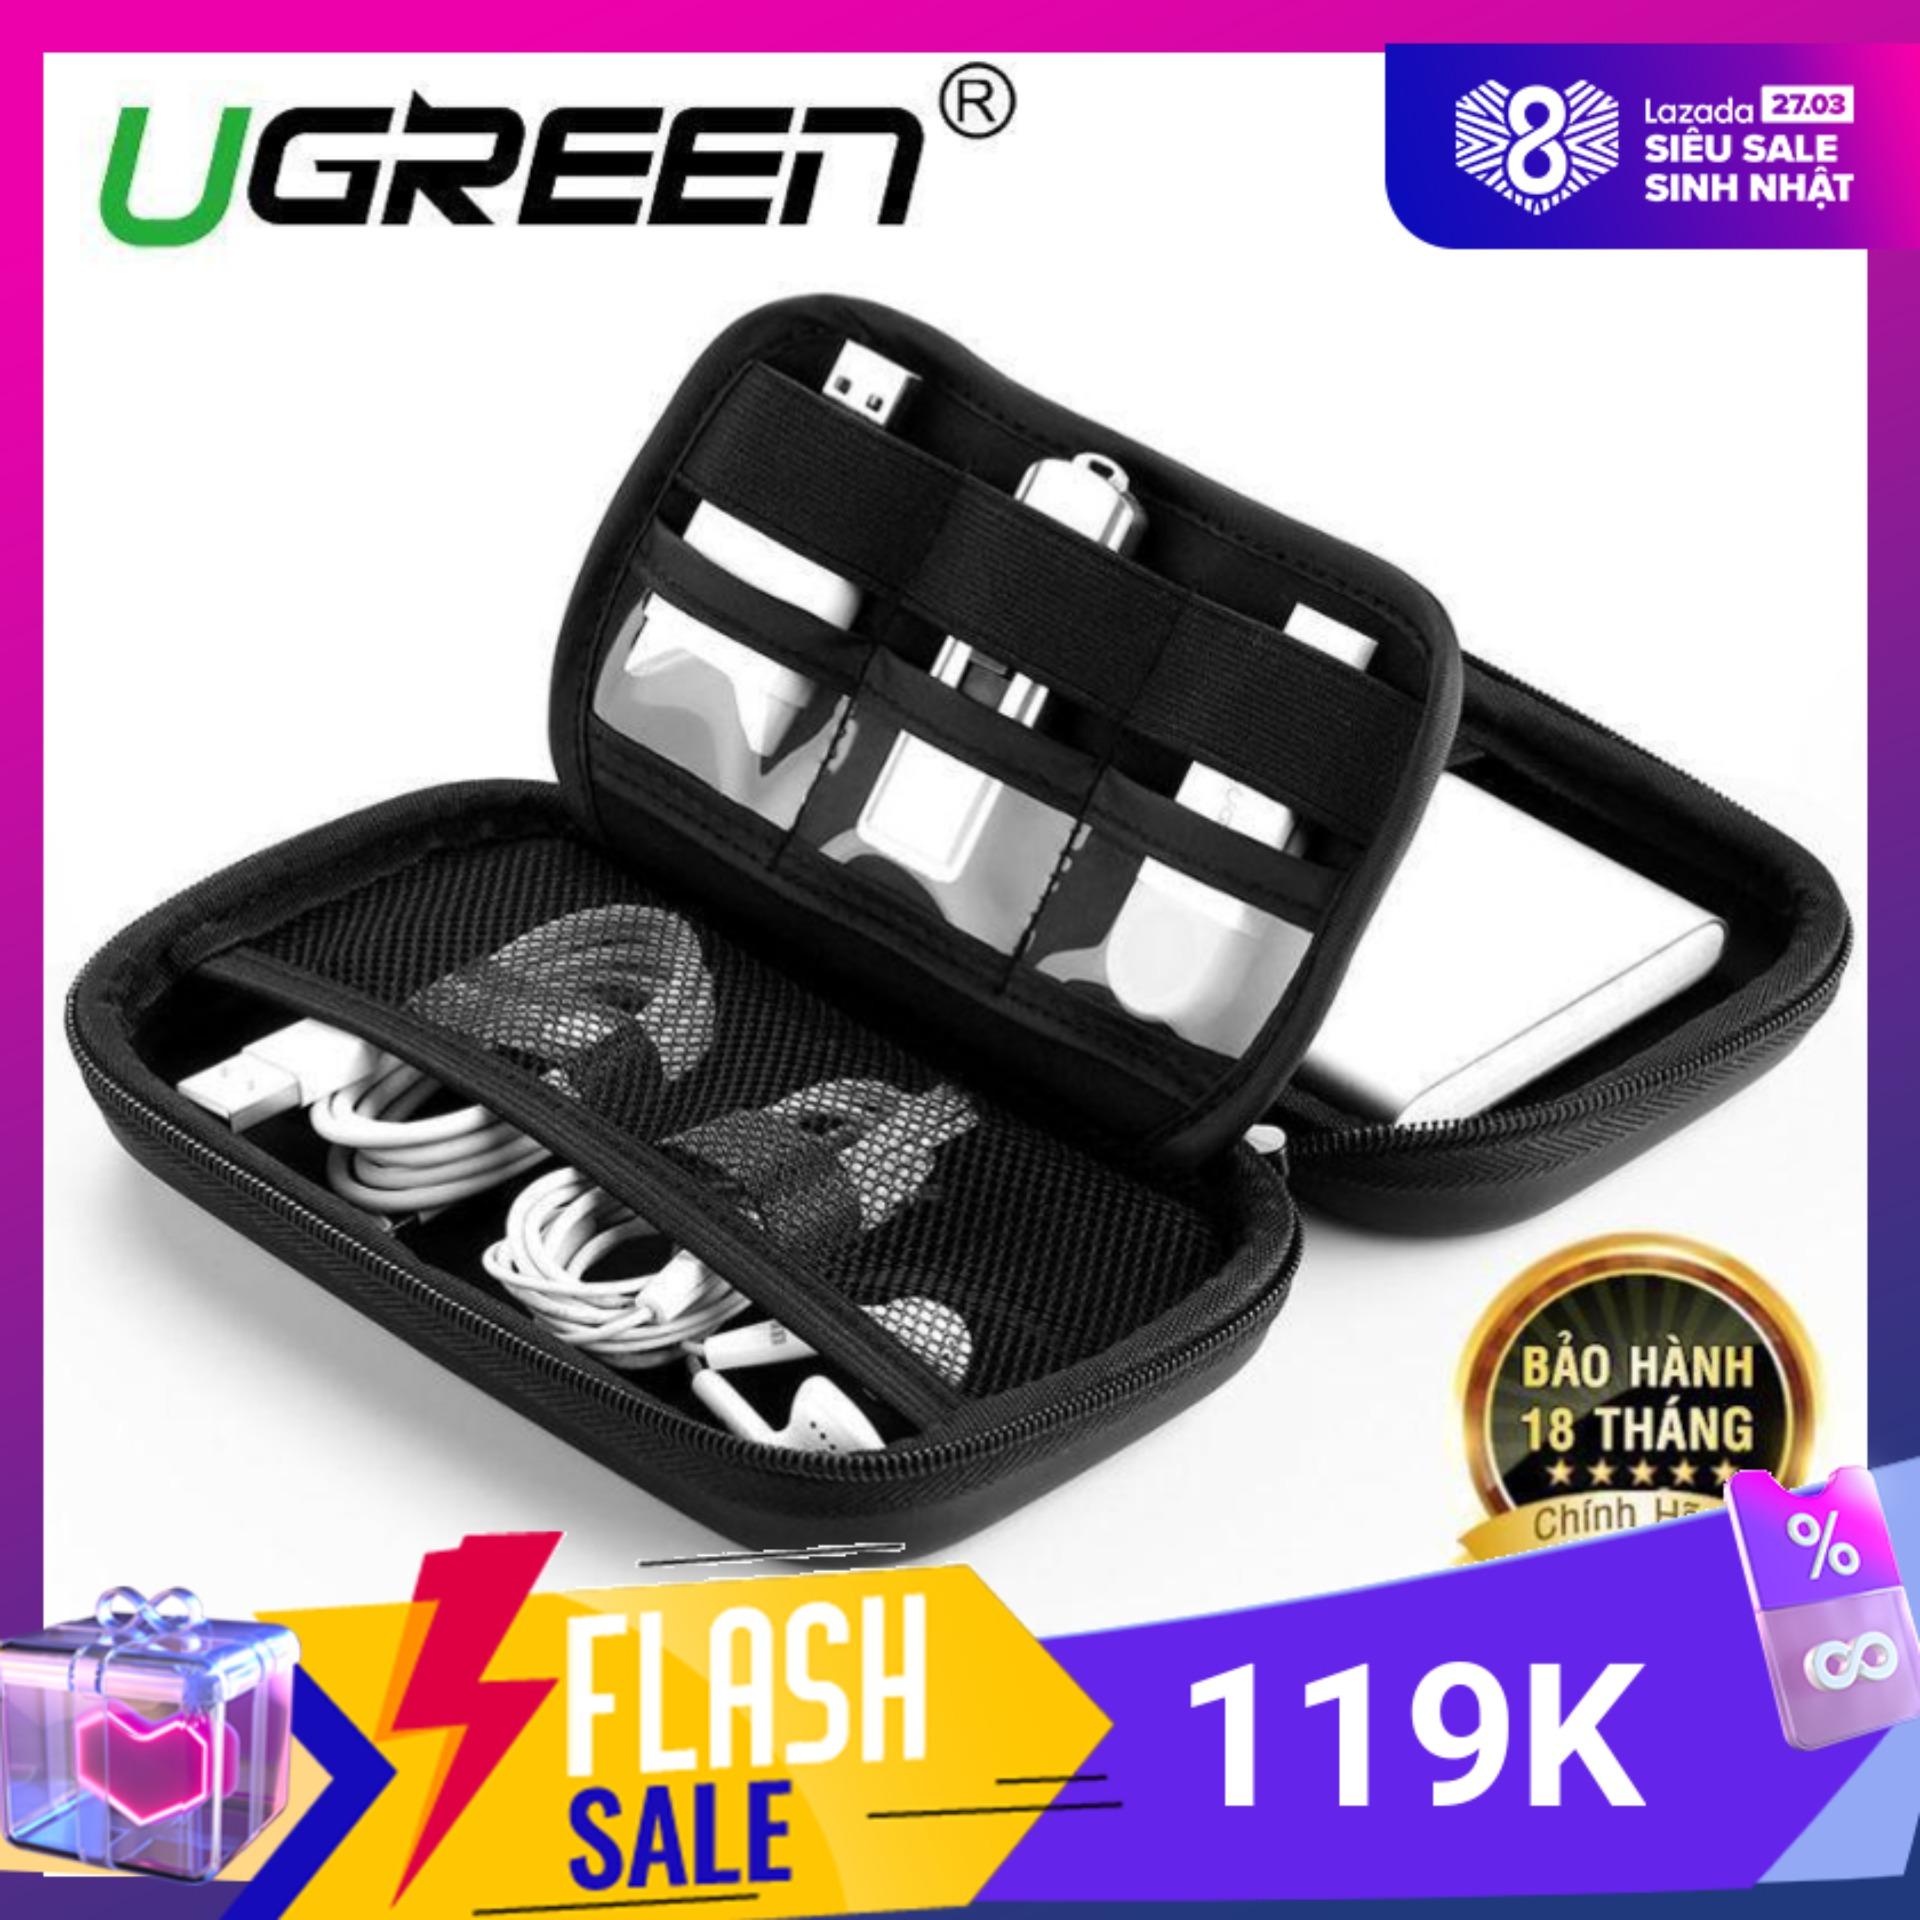 Hộp đựng phụ kiện tai nghe thẻ nhớ cáp USB ổ cứng pin dự phòng củ sạc điện thoại đồng hồ thông minh ... chống sốc chống nước (kích thước 18x10.3x5.5cm) UGREEN LP128 50274 - Hãng phân phối chính thức